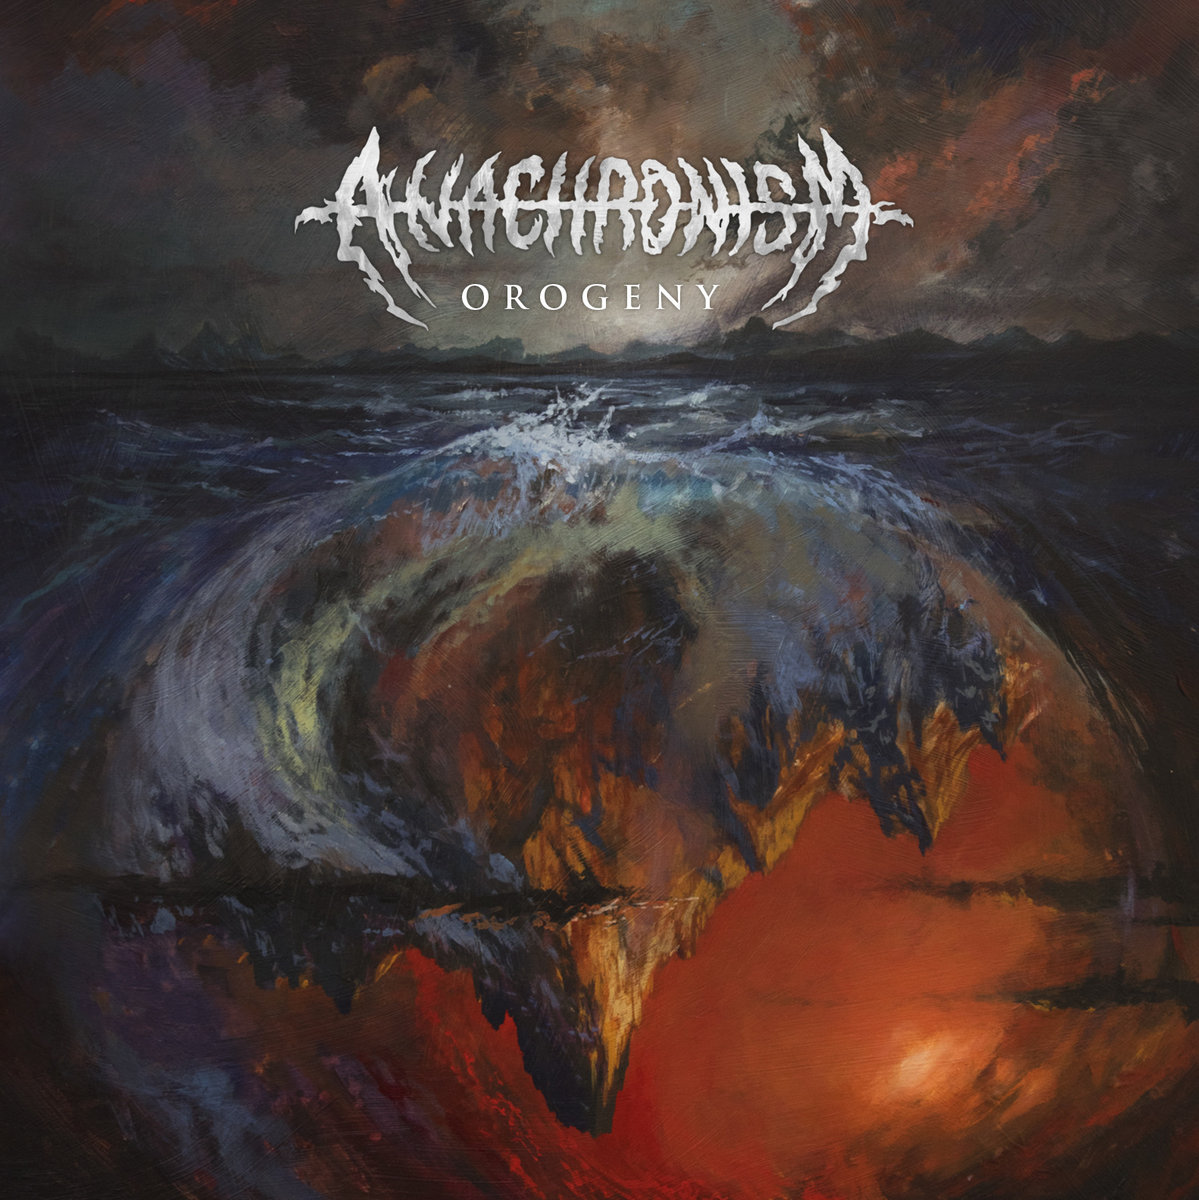 Anachronism - Orogeny (album cover artwork)